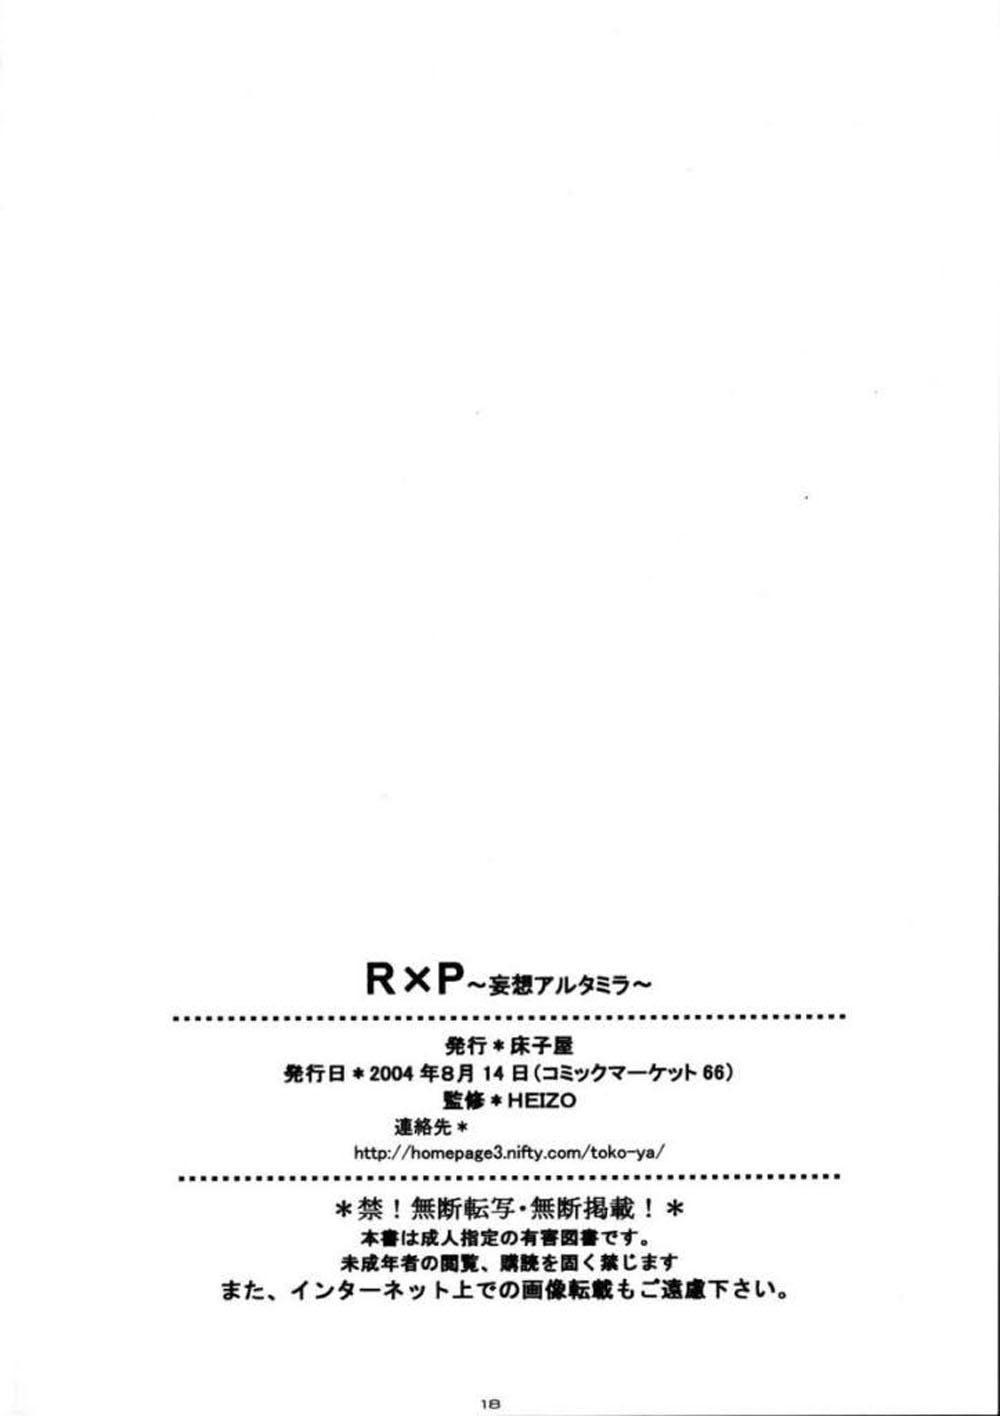 (C67) [Toko-ya (Kitoen) Regal x Presea (Tales of Symphonia) [English] 16